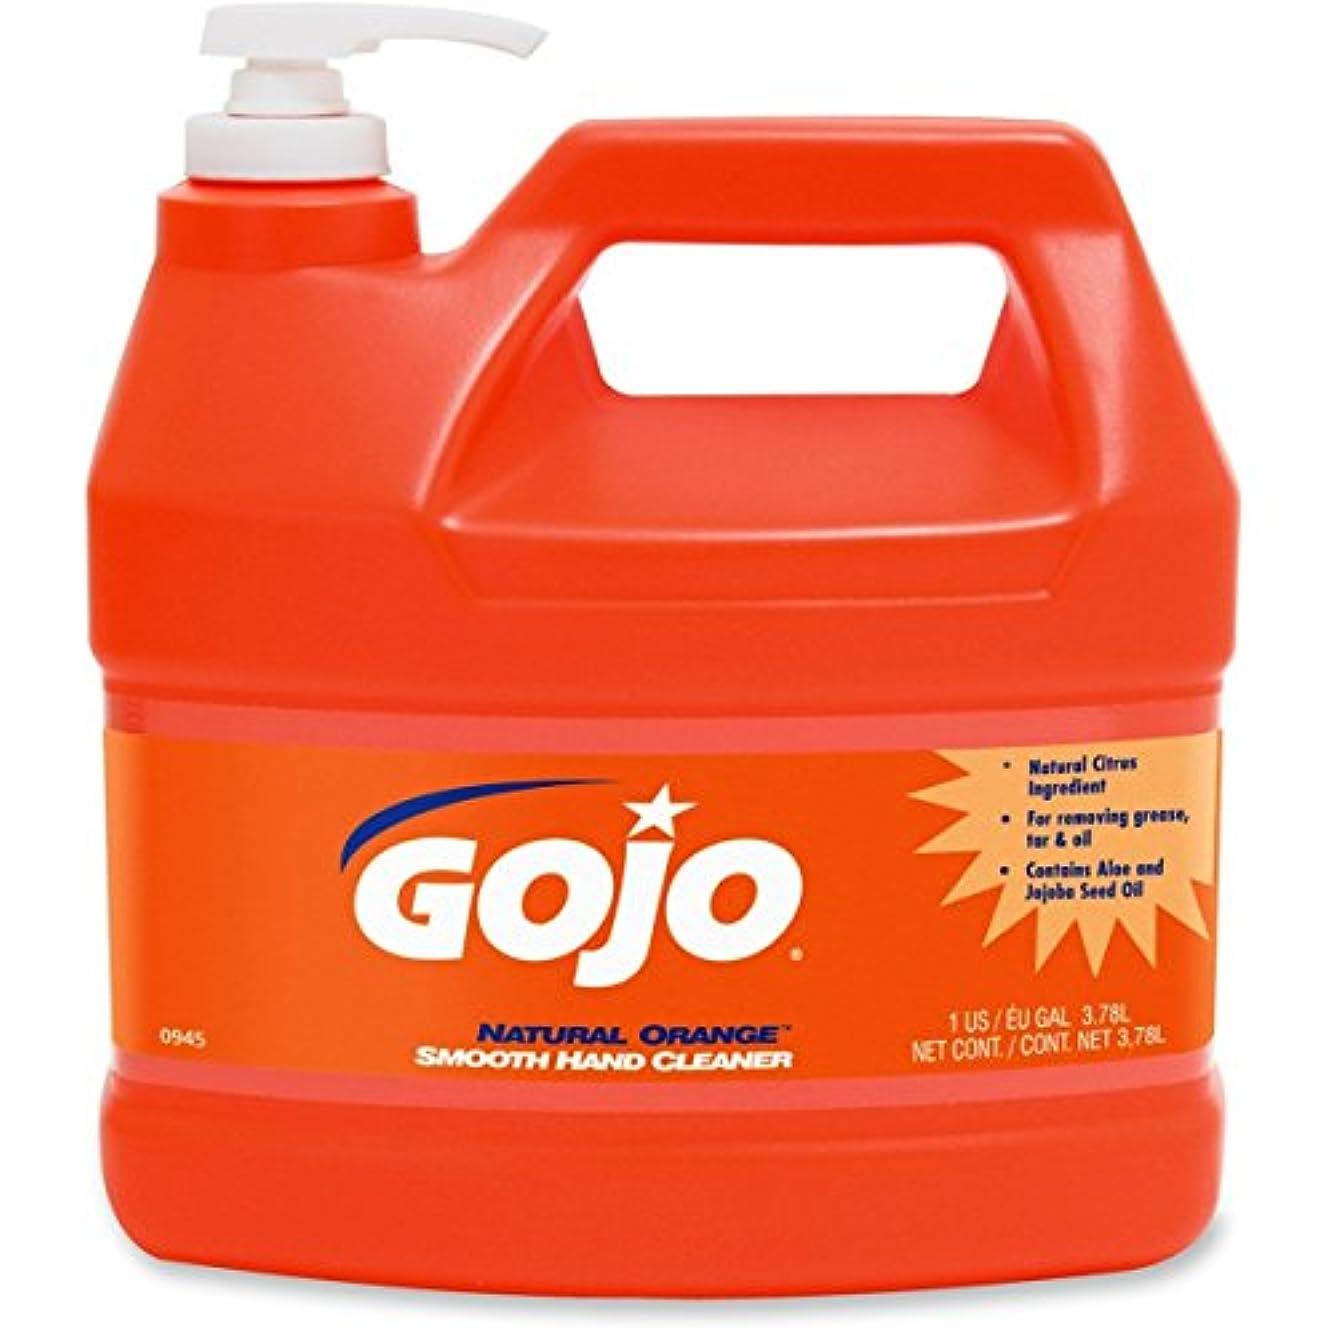 アクセスマウンドスキムgoj094504 – GOJOナチュラルオレンジSmooth heavy-duty Hand Cleaner